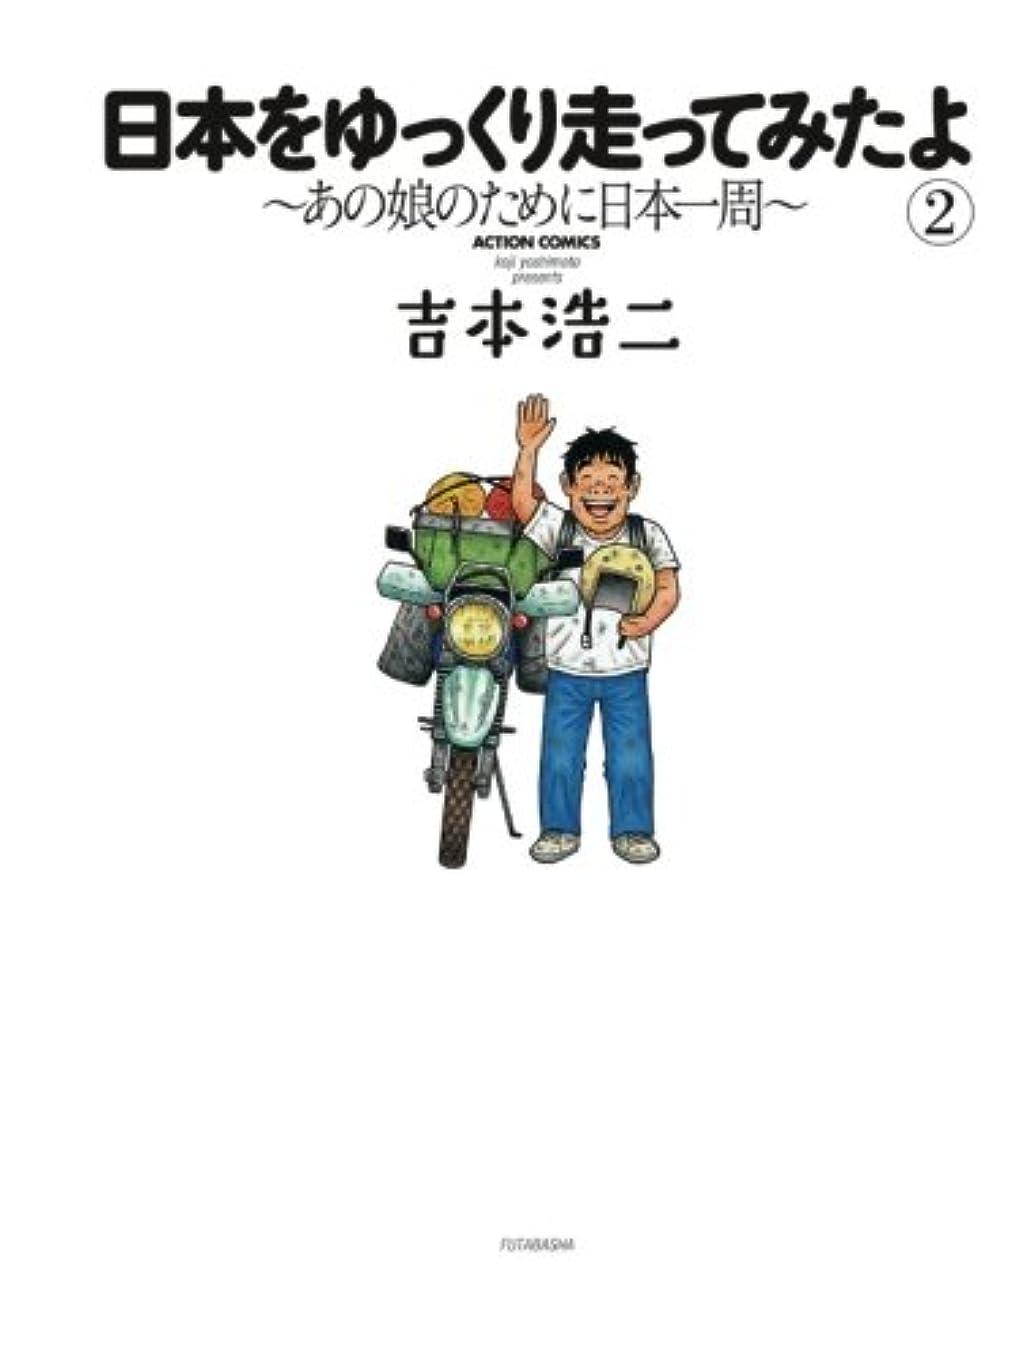 軽再生可能ベッドを作る日本をゆっくり走ってみたよ(2) (漫画アクション)